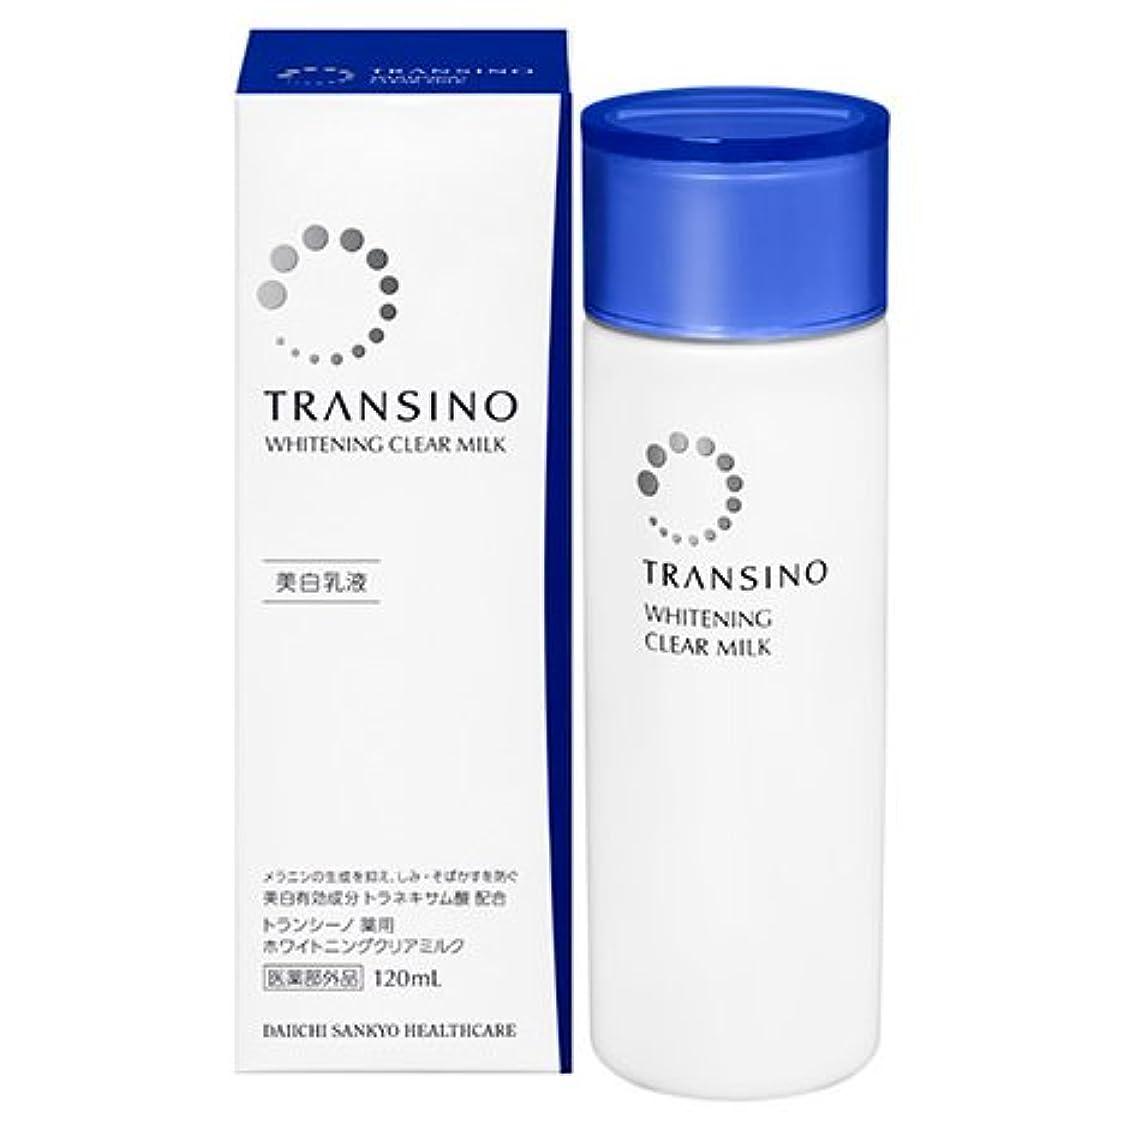 毛皮一生アレルギー性トランシーノ 薬用ホワイトニングクリアミルク 120ml [並行輸入品]